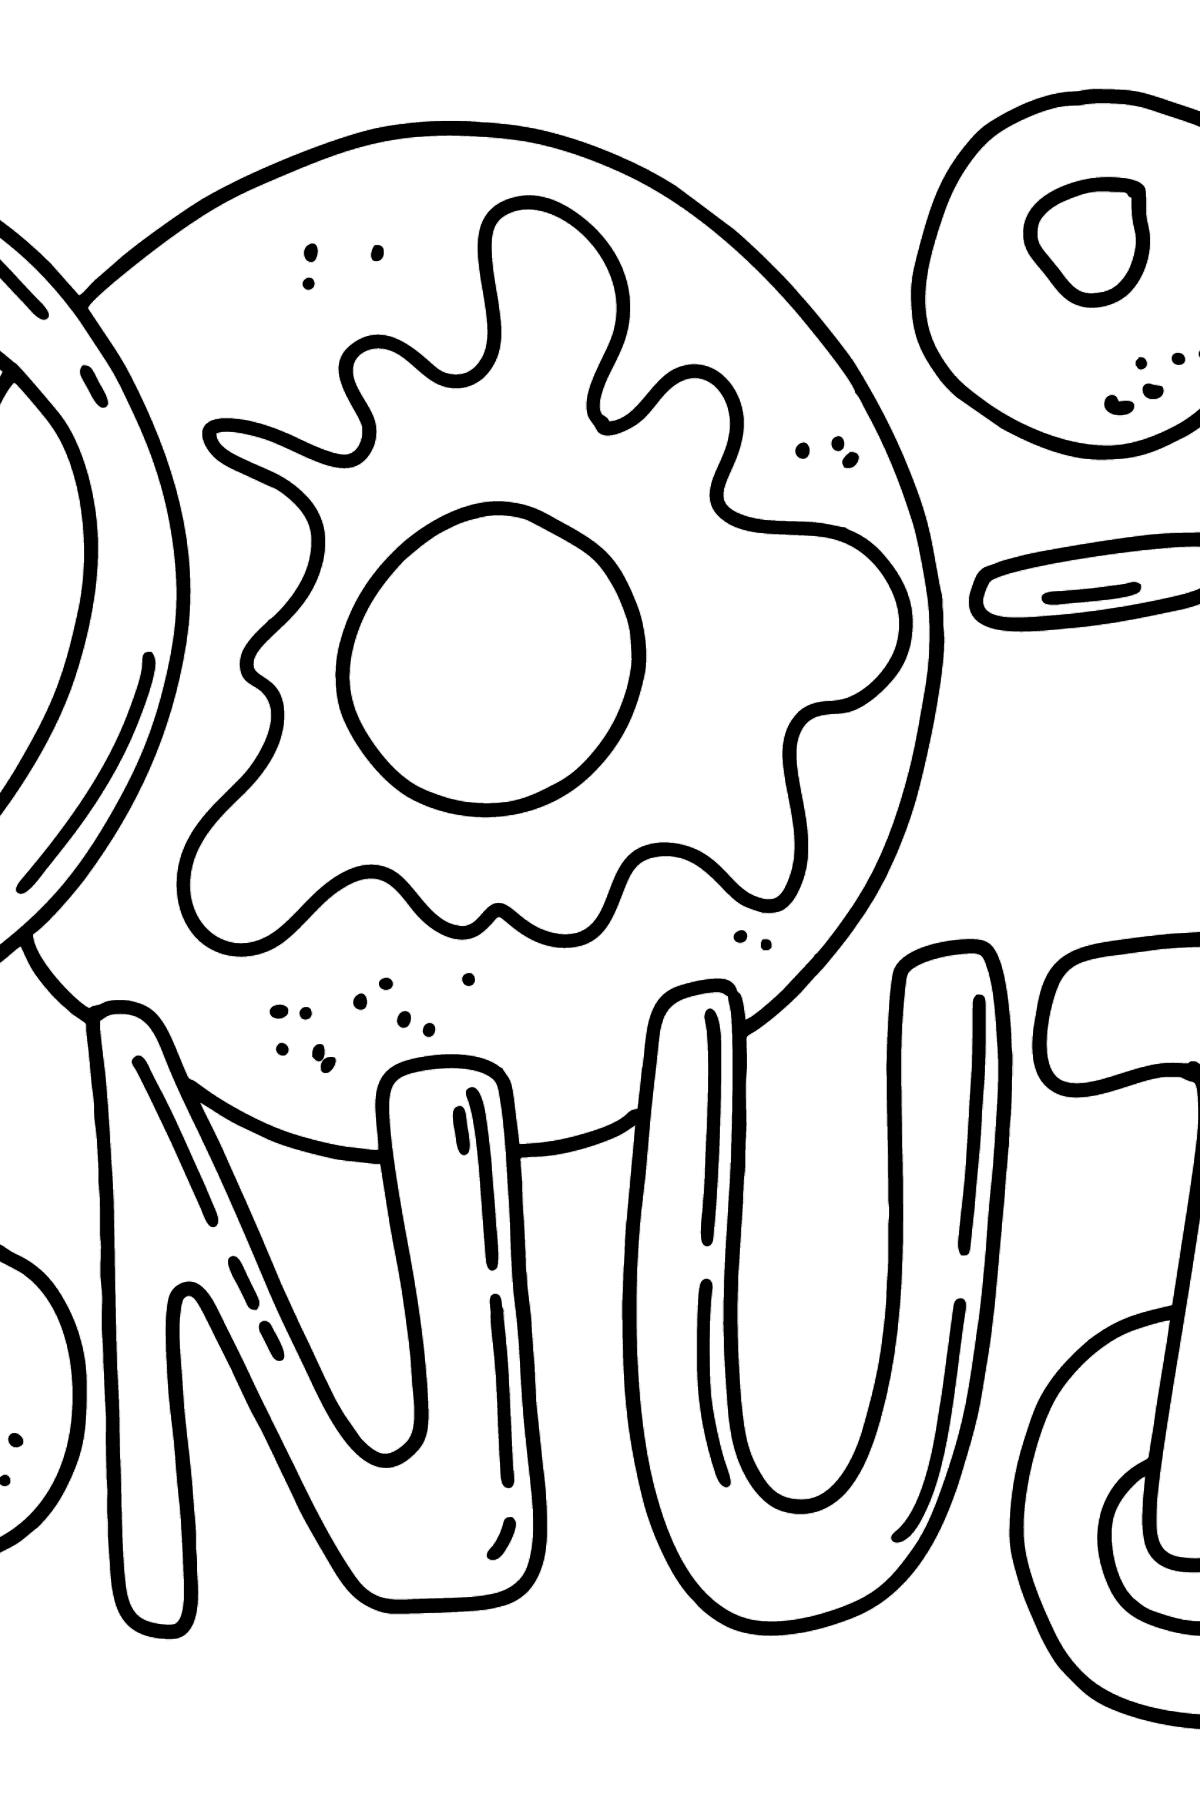 Donut Schriftzug Ausmalbild - Malvorlagen für Kinder